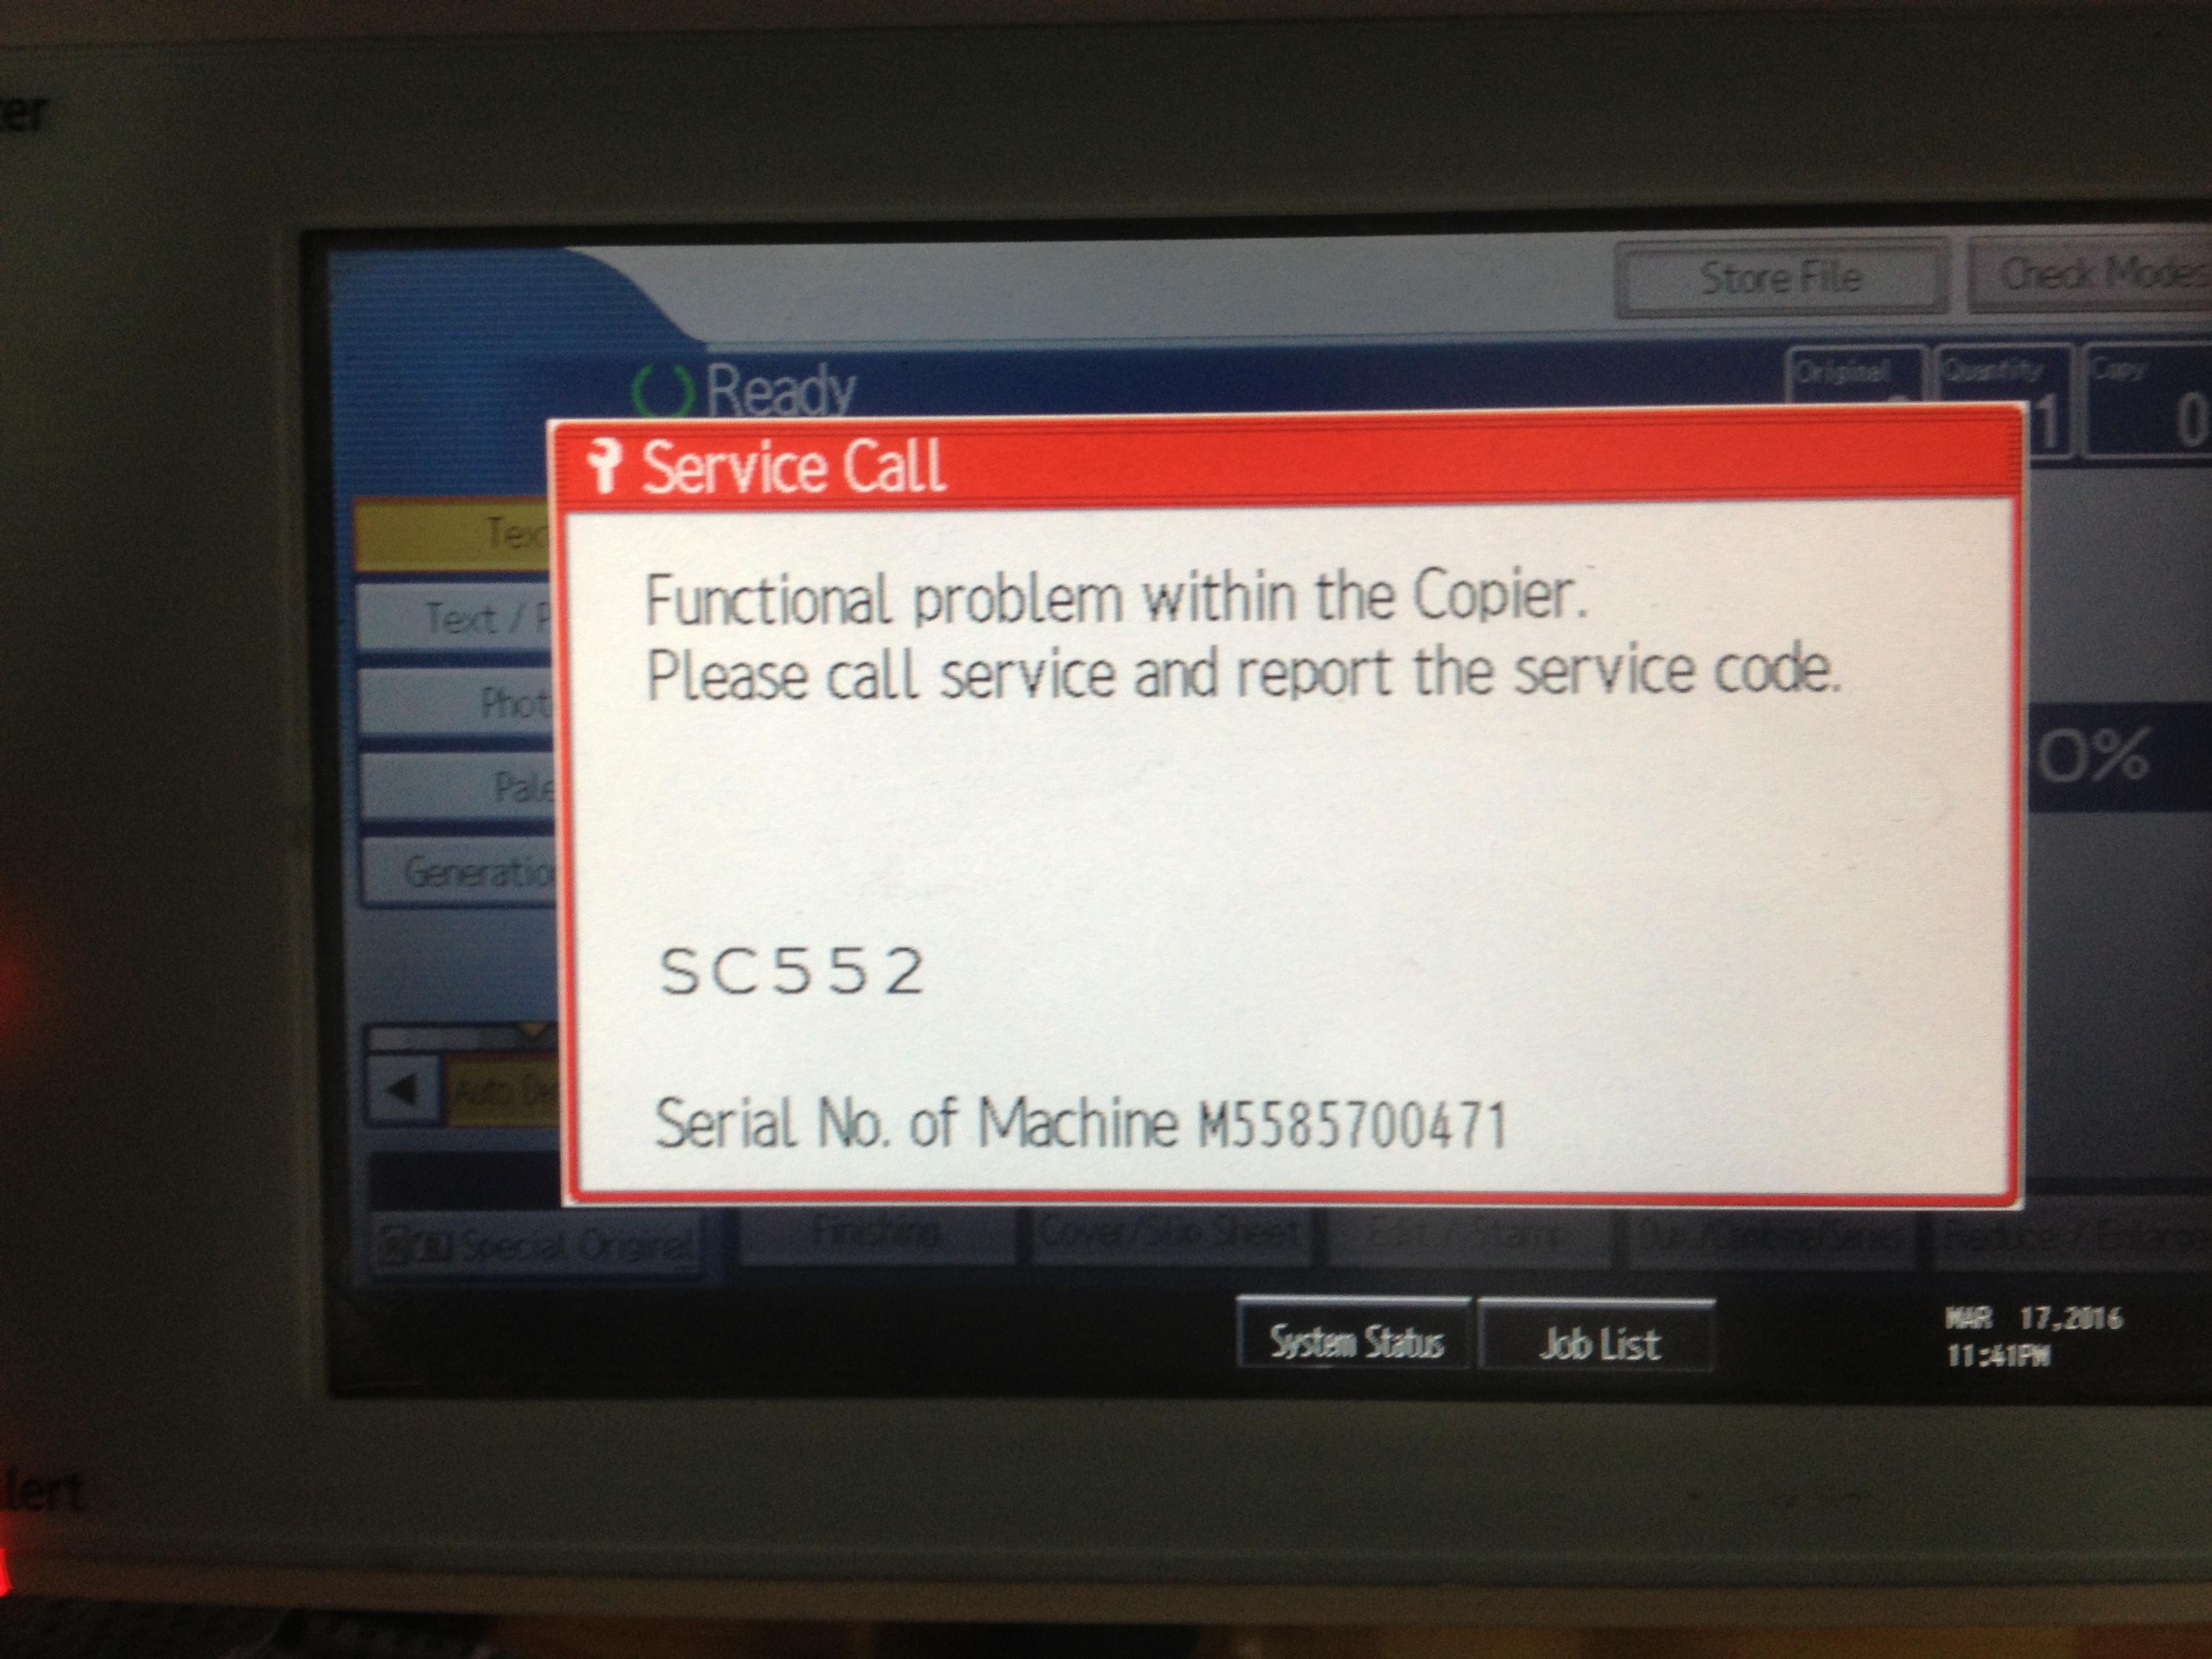 Hướng dẫn cách sửa lỗi SC 552 máy photocopy Ricoh | Hỏi Đáp